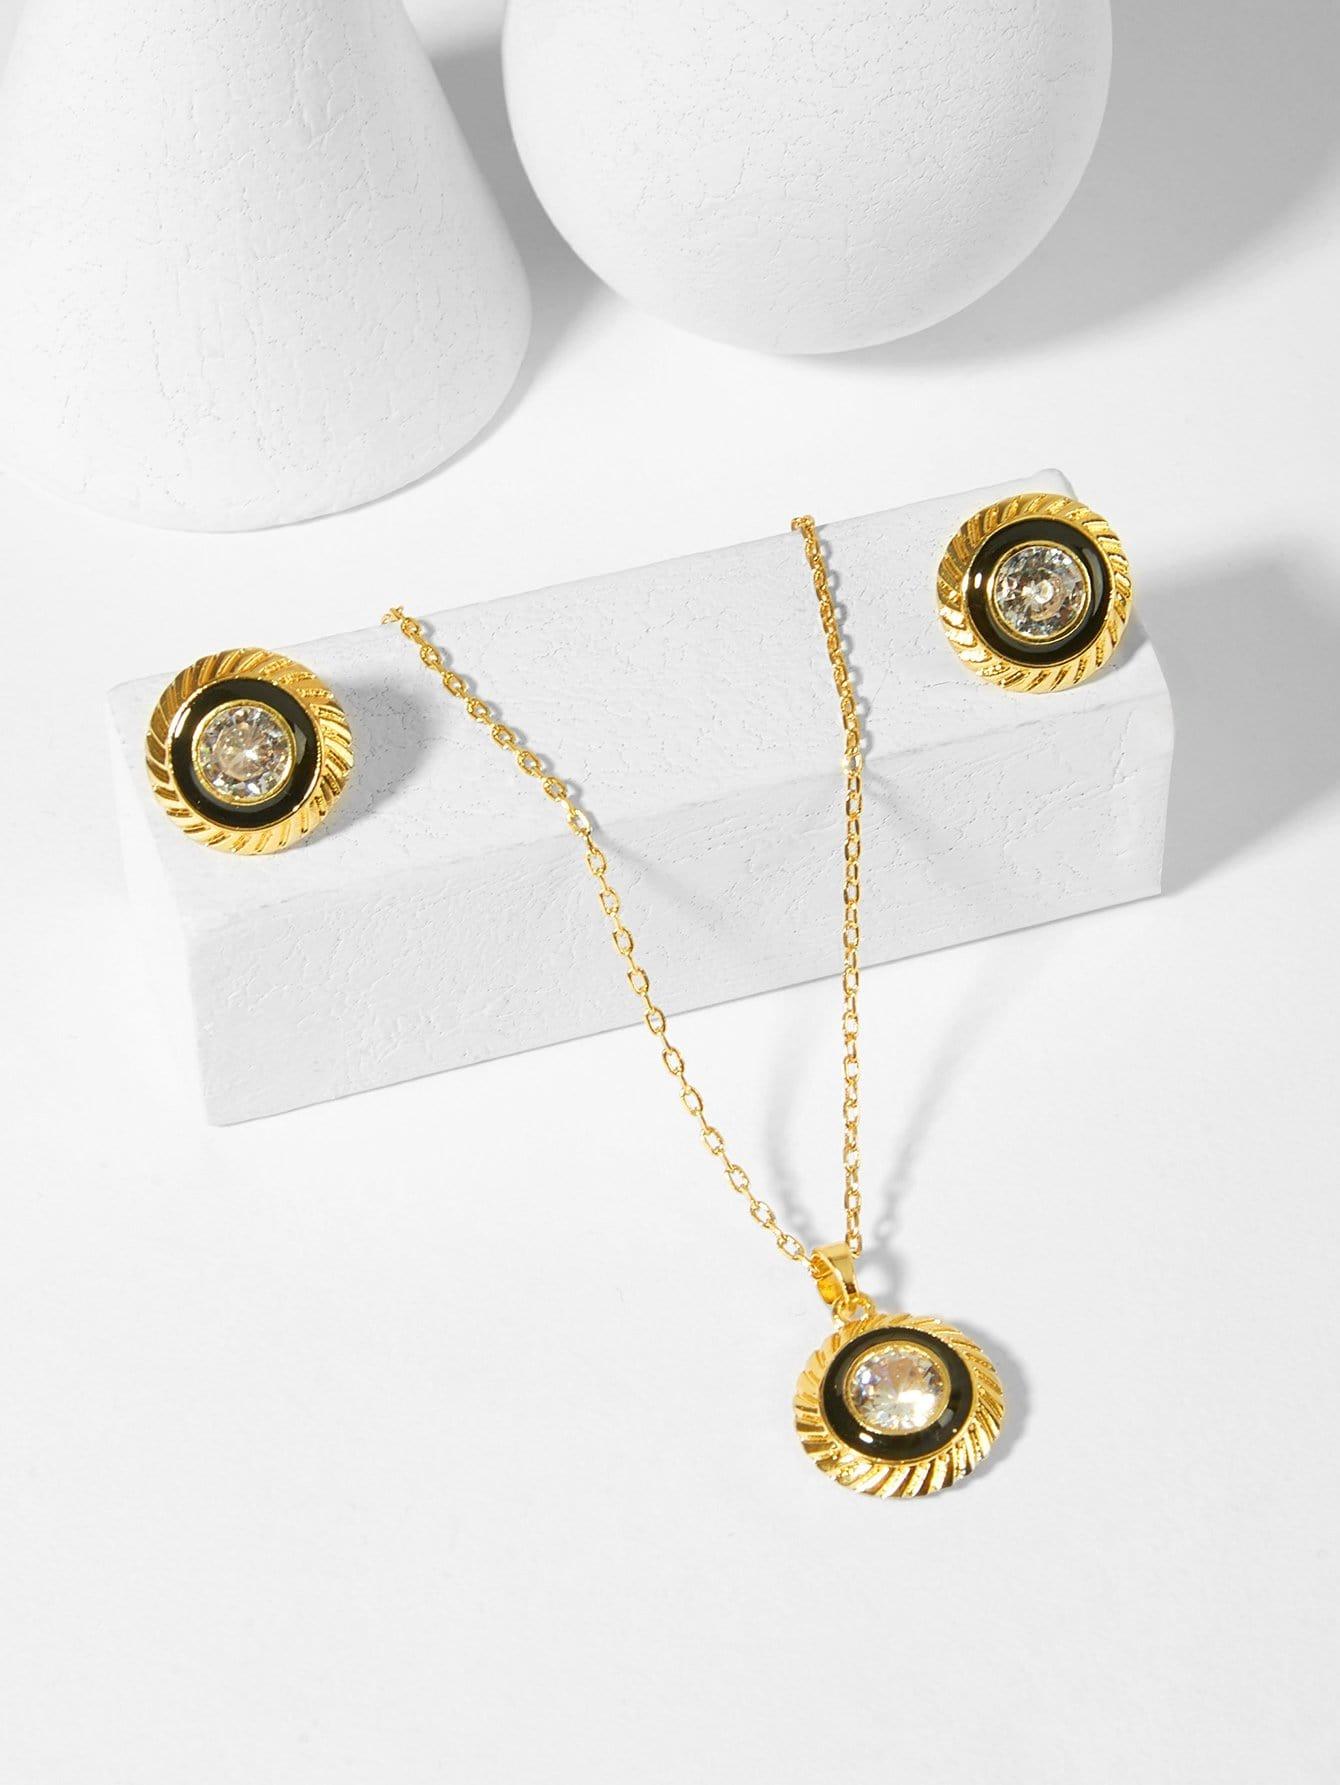 Купить Ожерелье с подвеской круга бриллиантов и серьги, null, SheIn